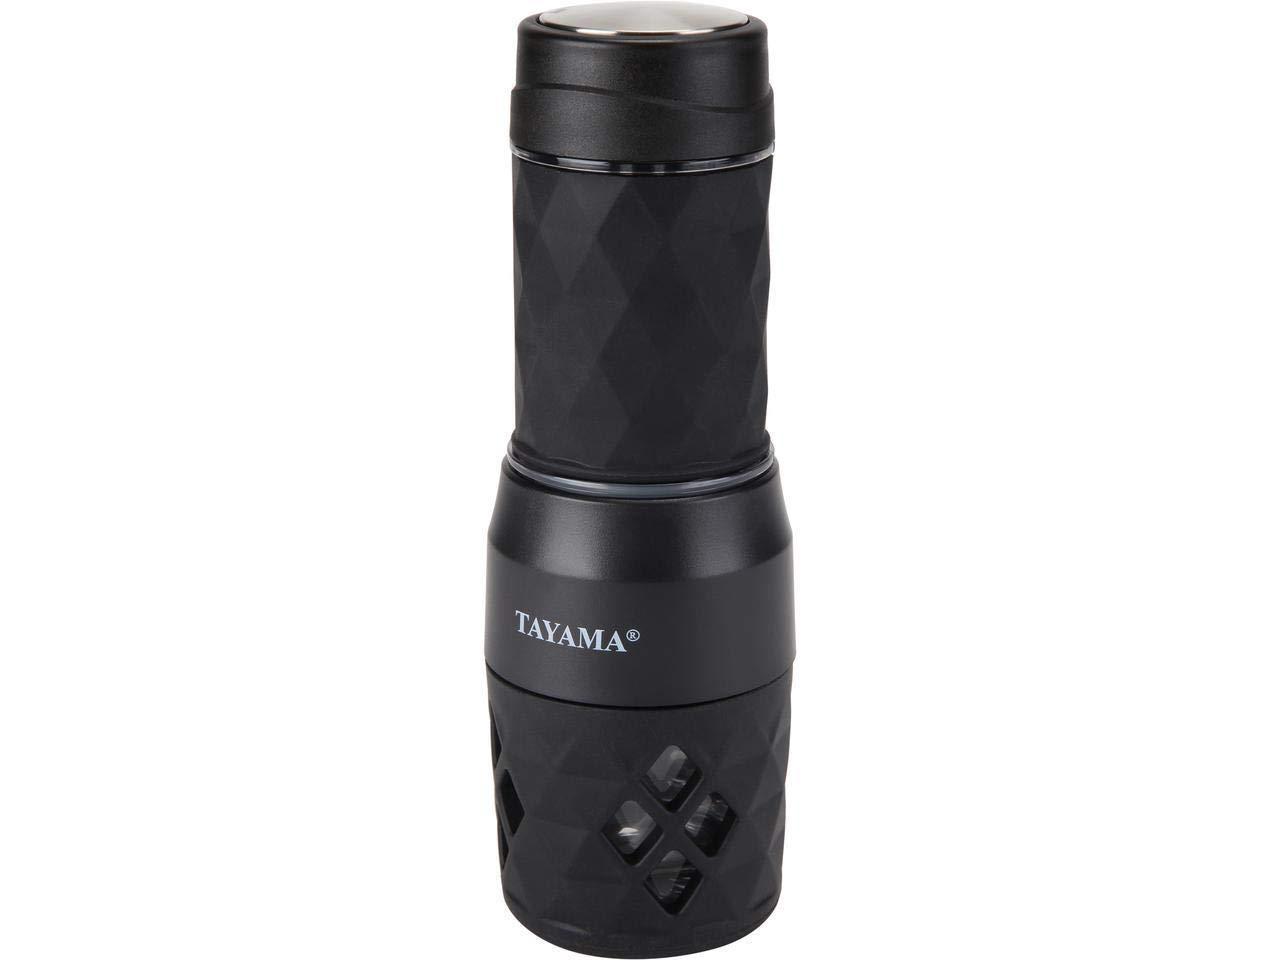 Tayama TMS-838 Portable Hot/Cold Espresso Machine, one size Black